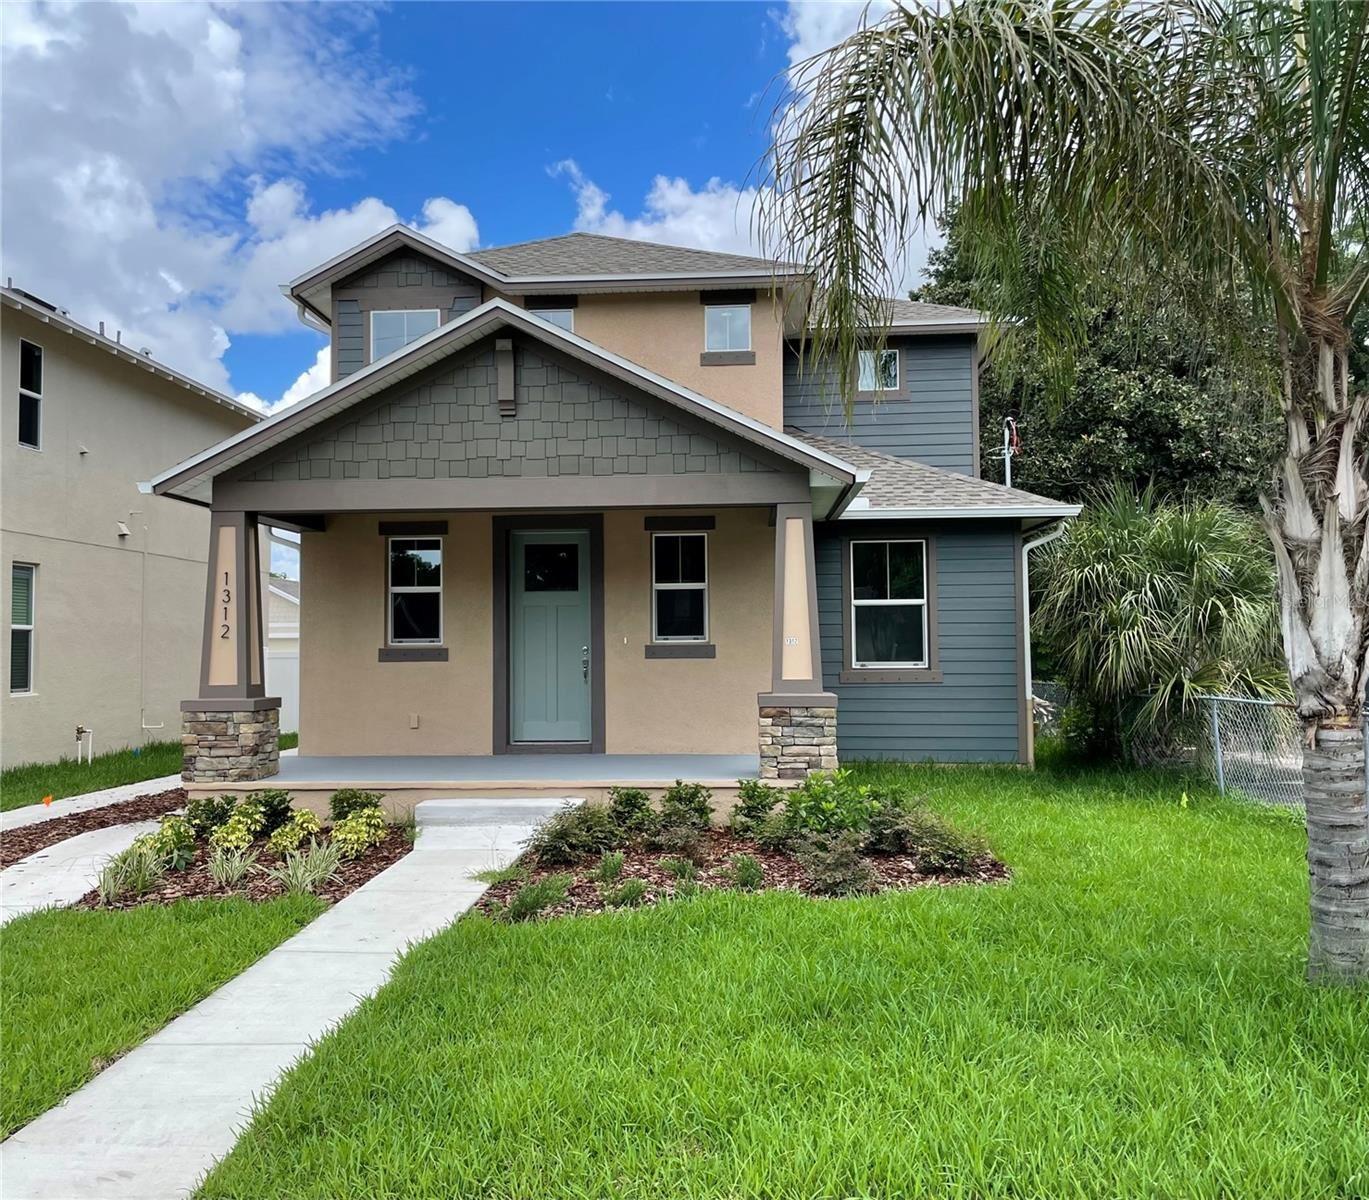 1312 E CONOVER STREET, Tampa, FL 33603 - MLS#: T3275278